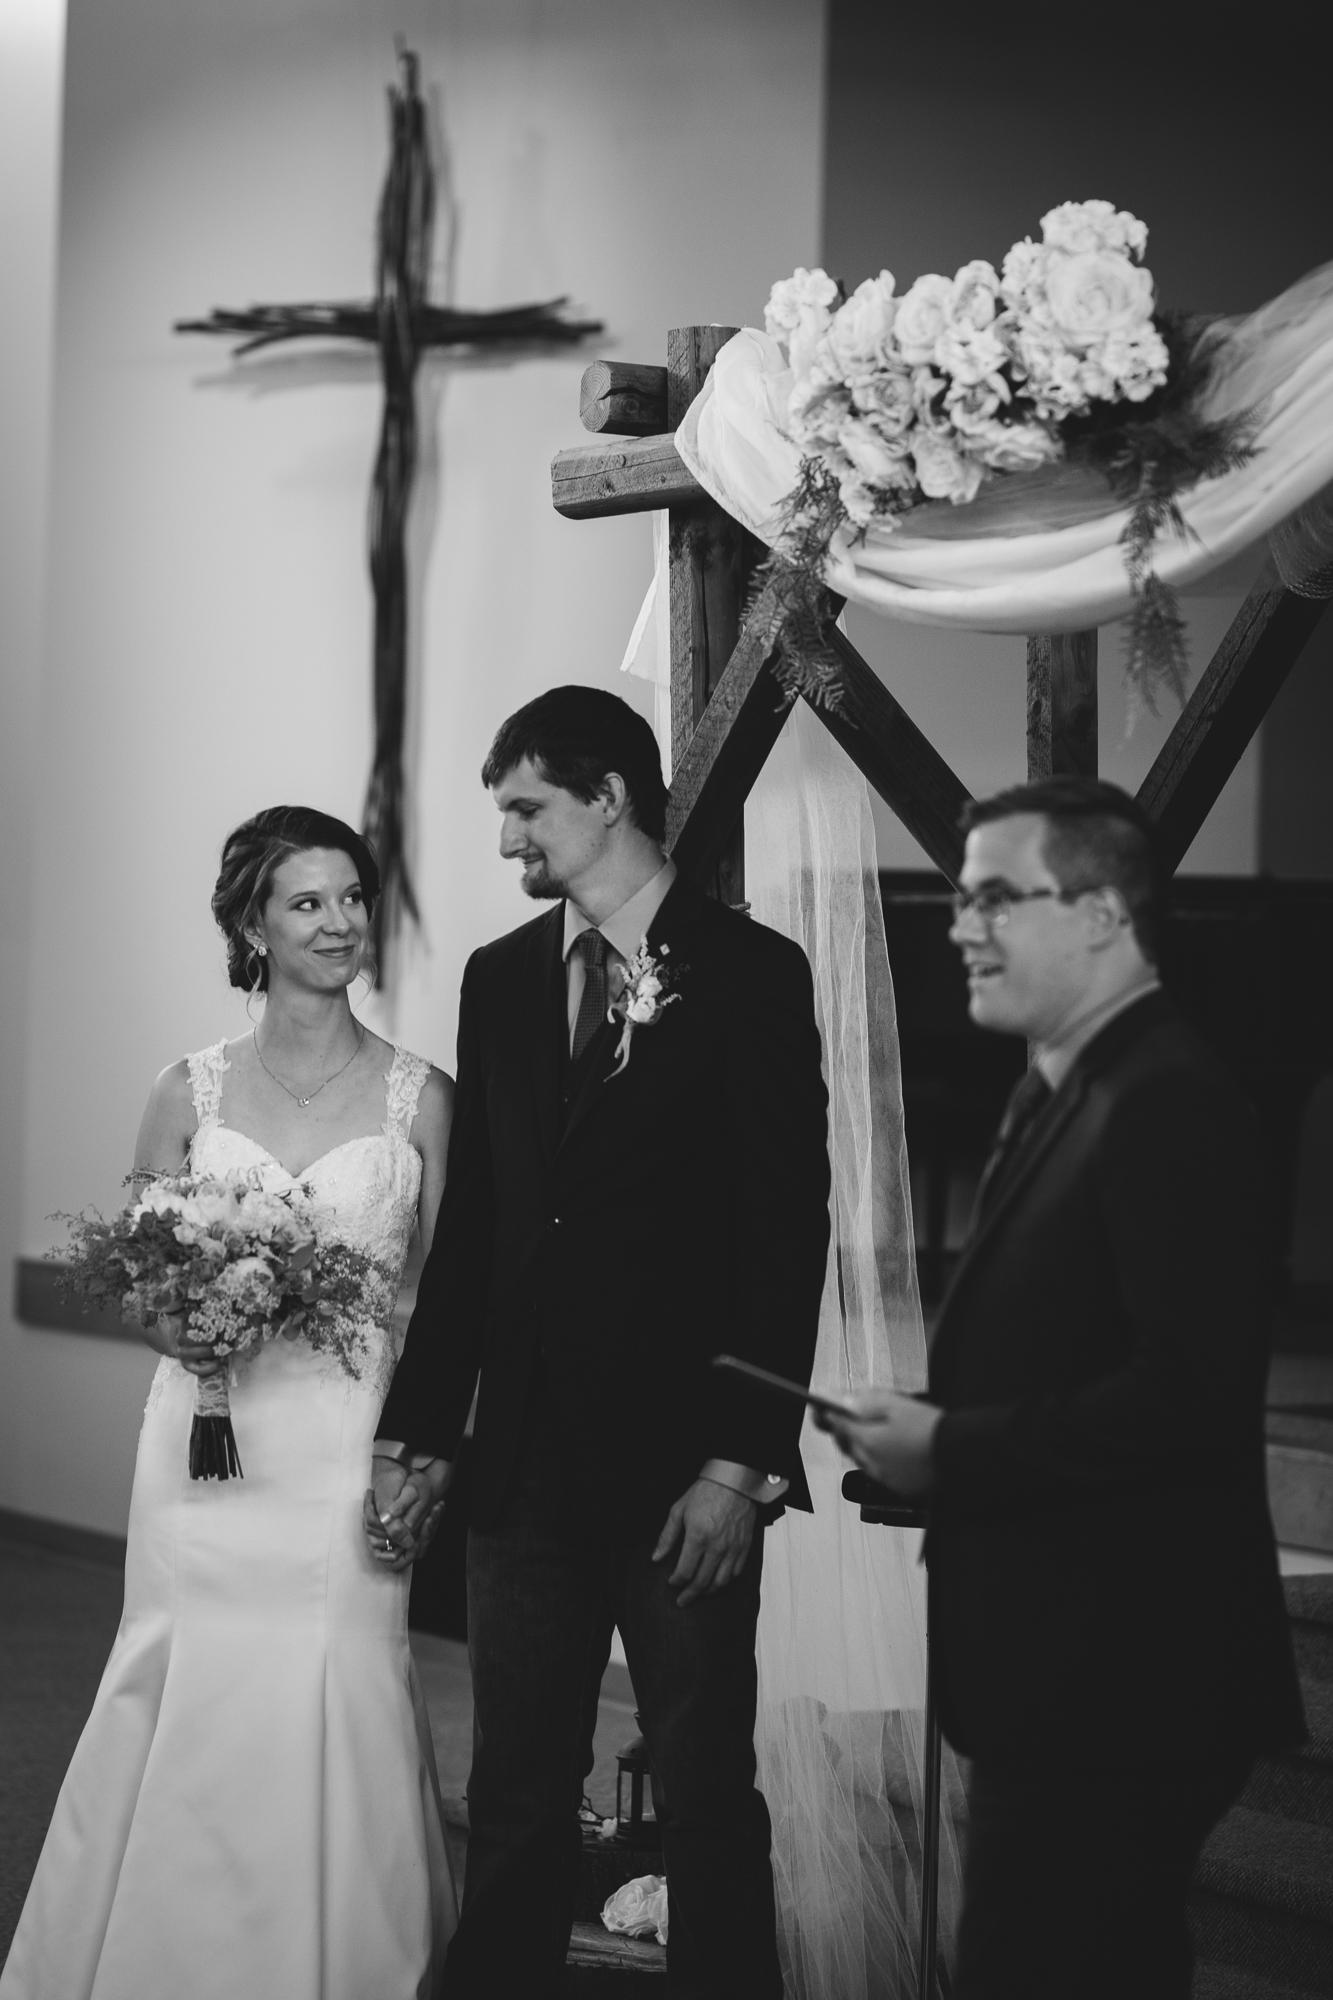 Deanna-Rachel-Photography-calgary-Wedding-photographer-jm-28.jpg